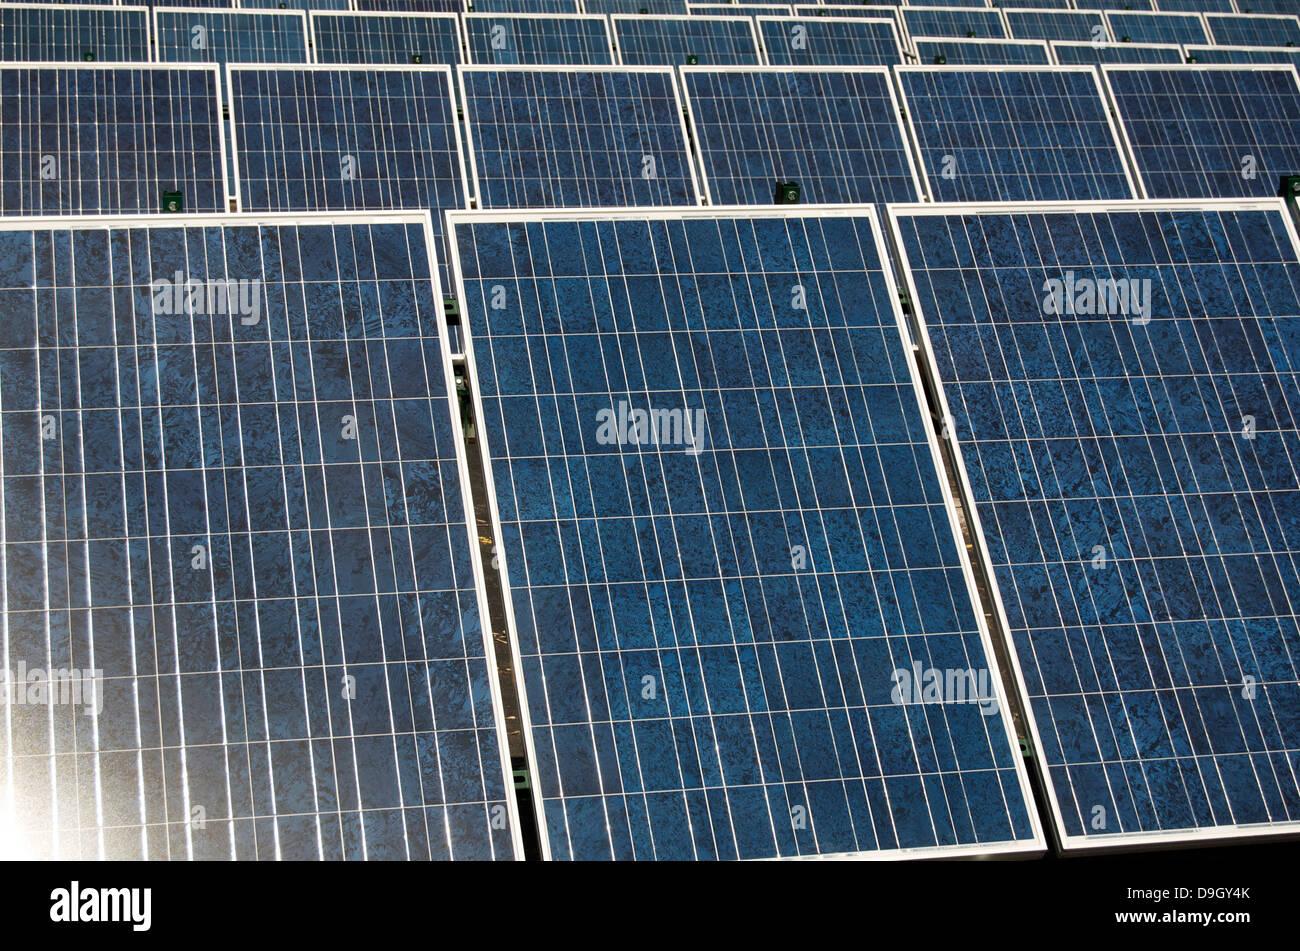 Paneles solares en una fila recogiendo luz Imagen De Stock